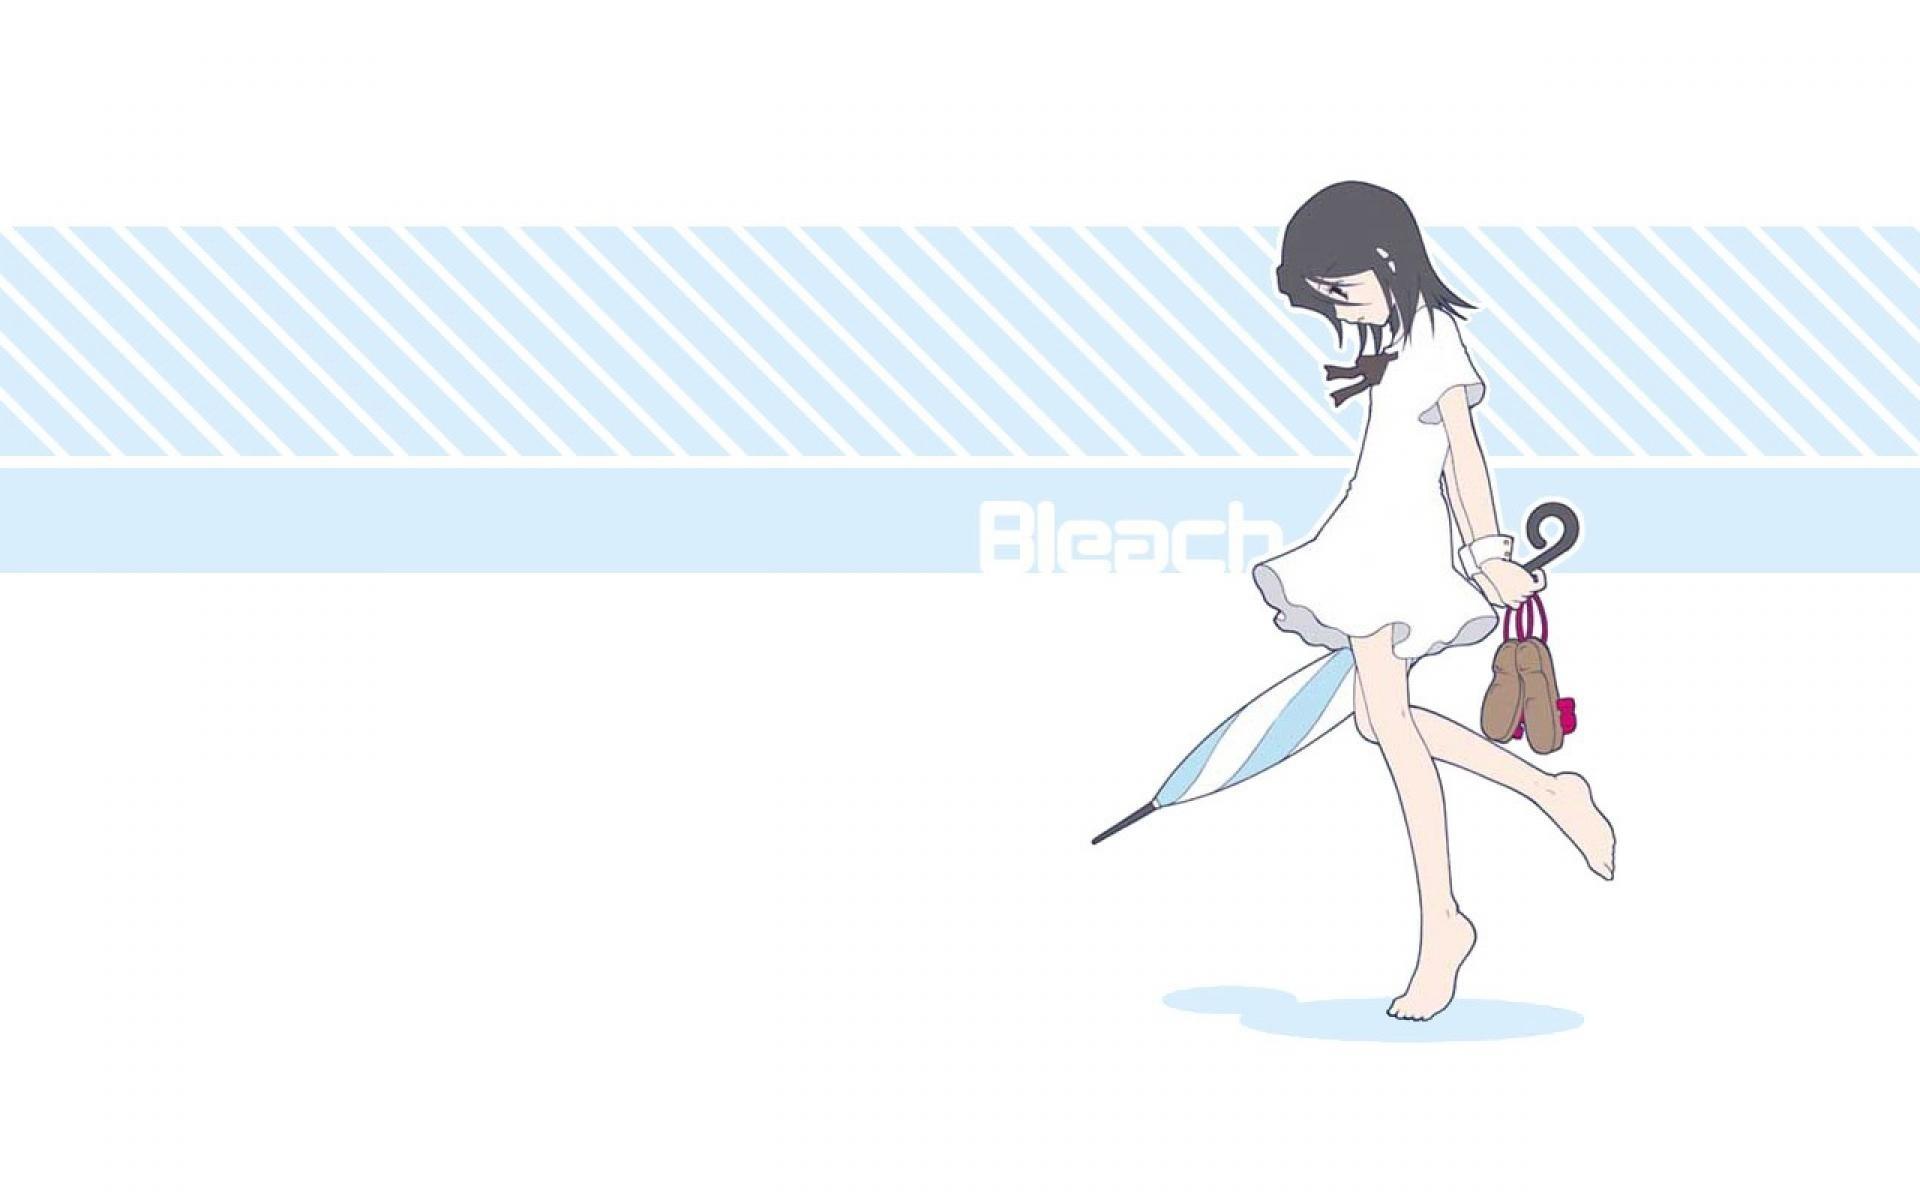 Bleach Rukia White Wallpaper